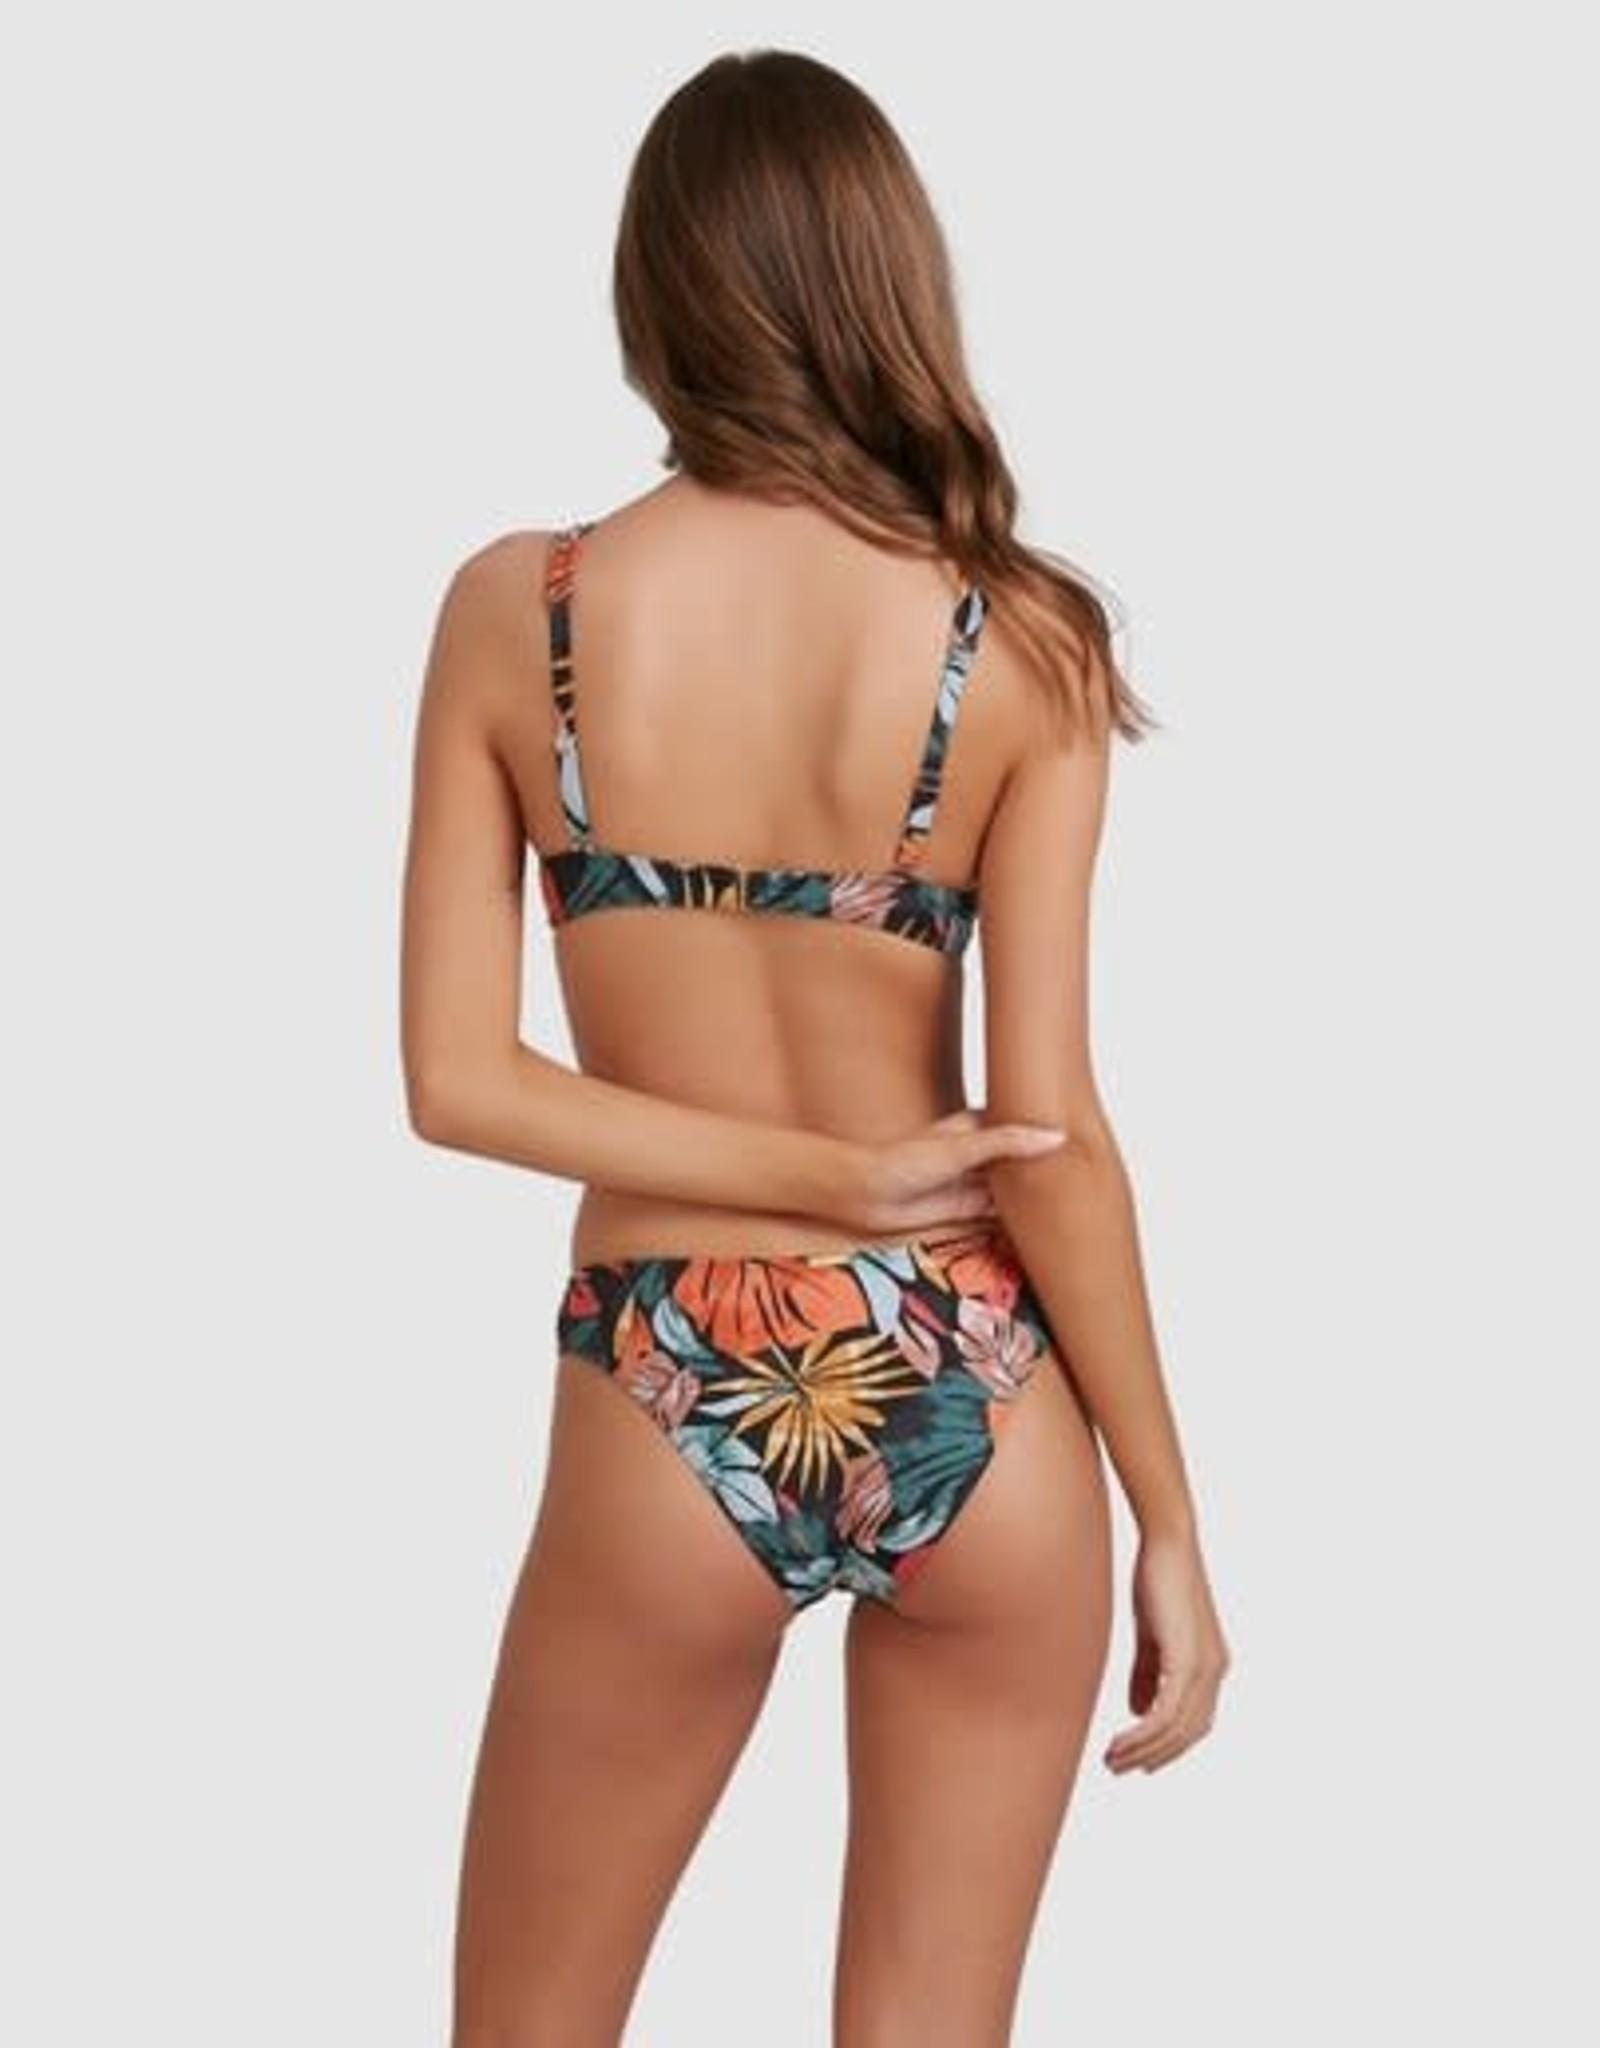 BILLABONG Somedaze Chloe Bra Bikini Top